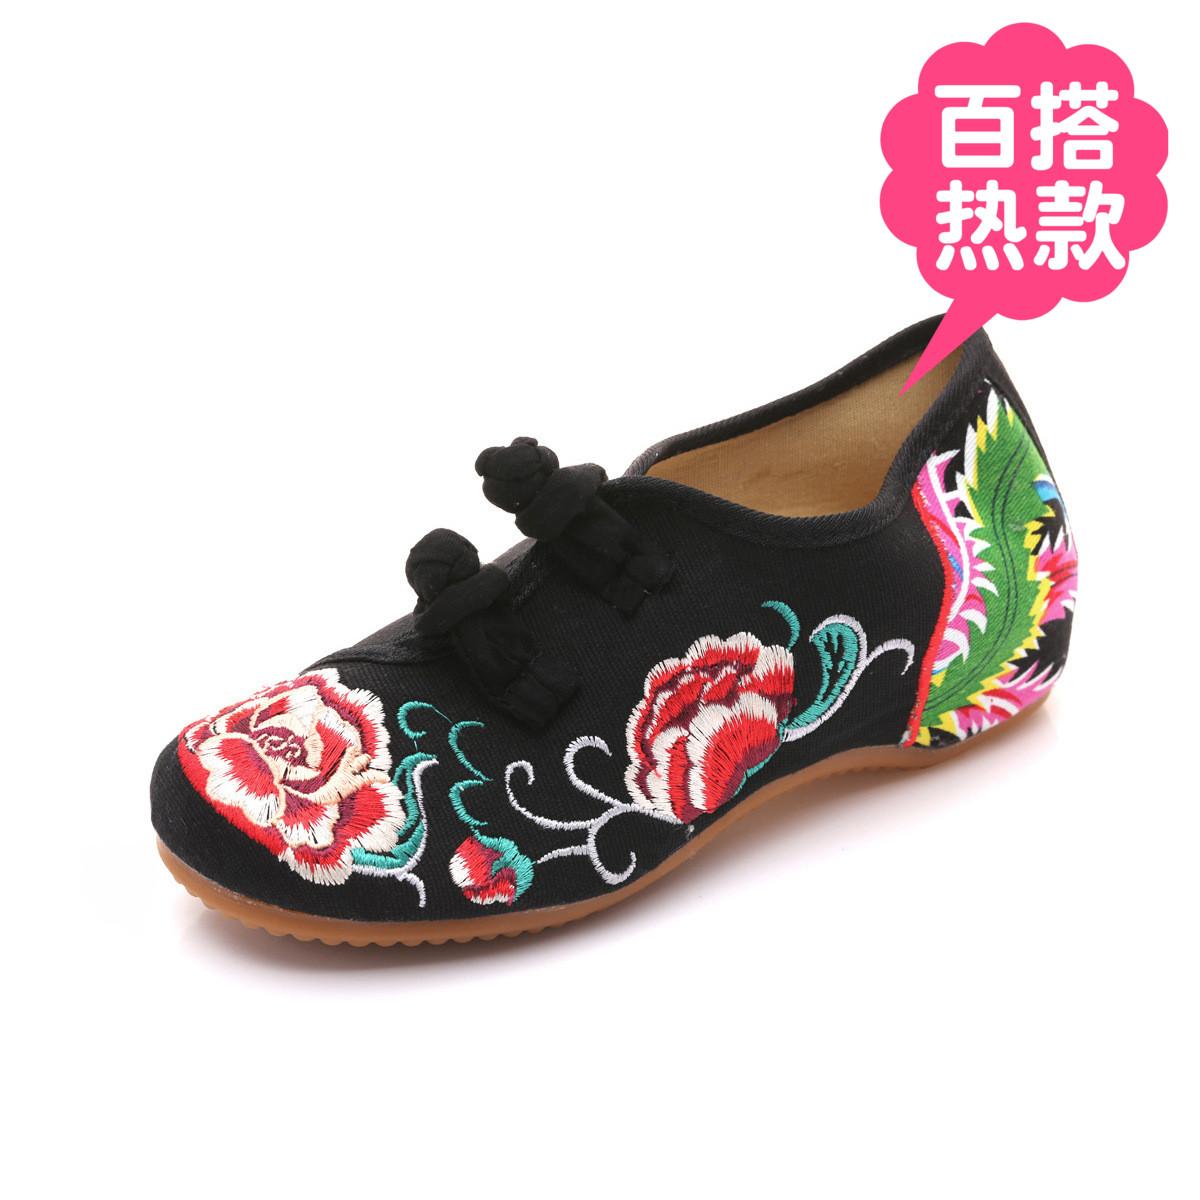 中國代購|中國批發-ibuy99|低跟鞋|绣花布鞋夏秋款牛筋底低跟潮流女装休闲女式学生平底单鞋 妈妈鞋